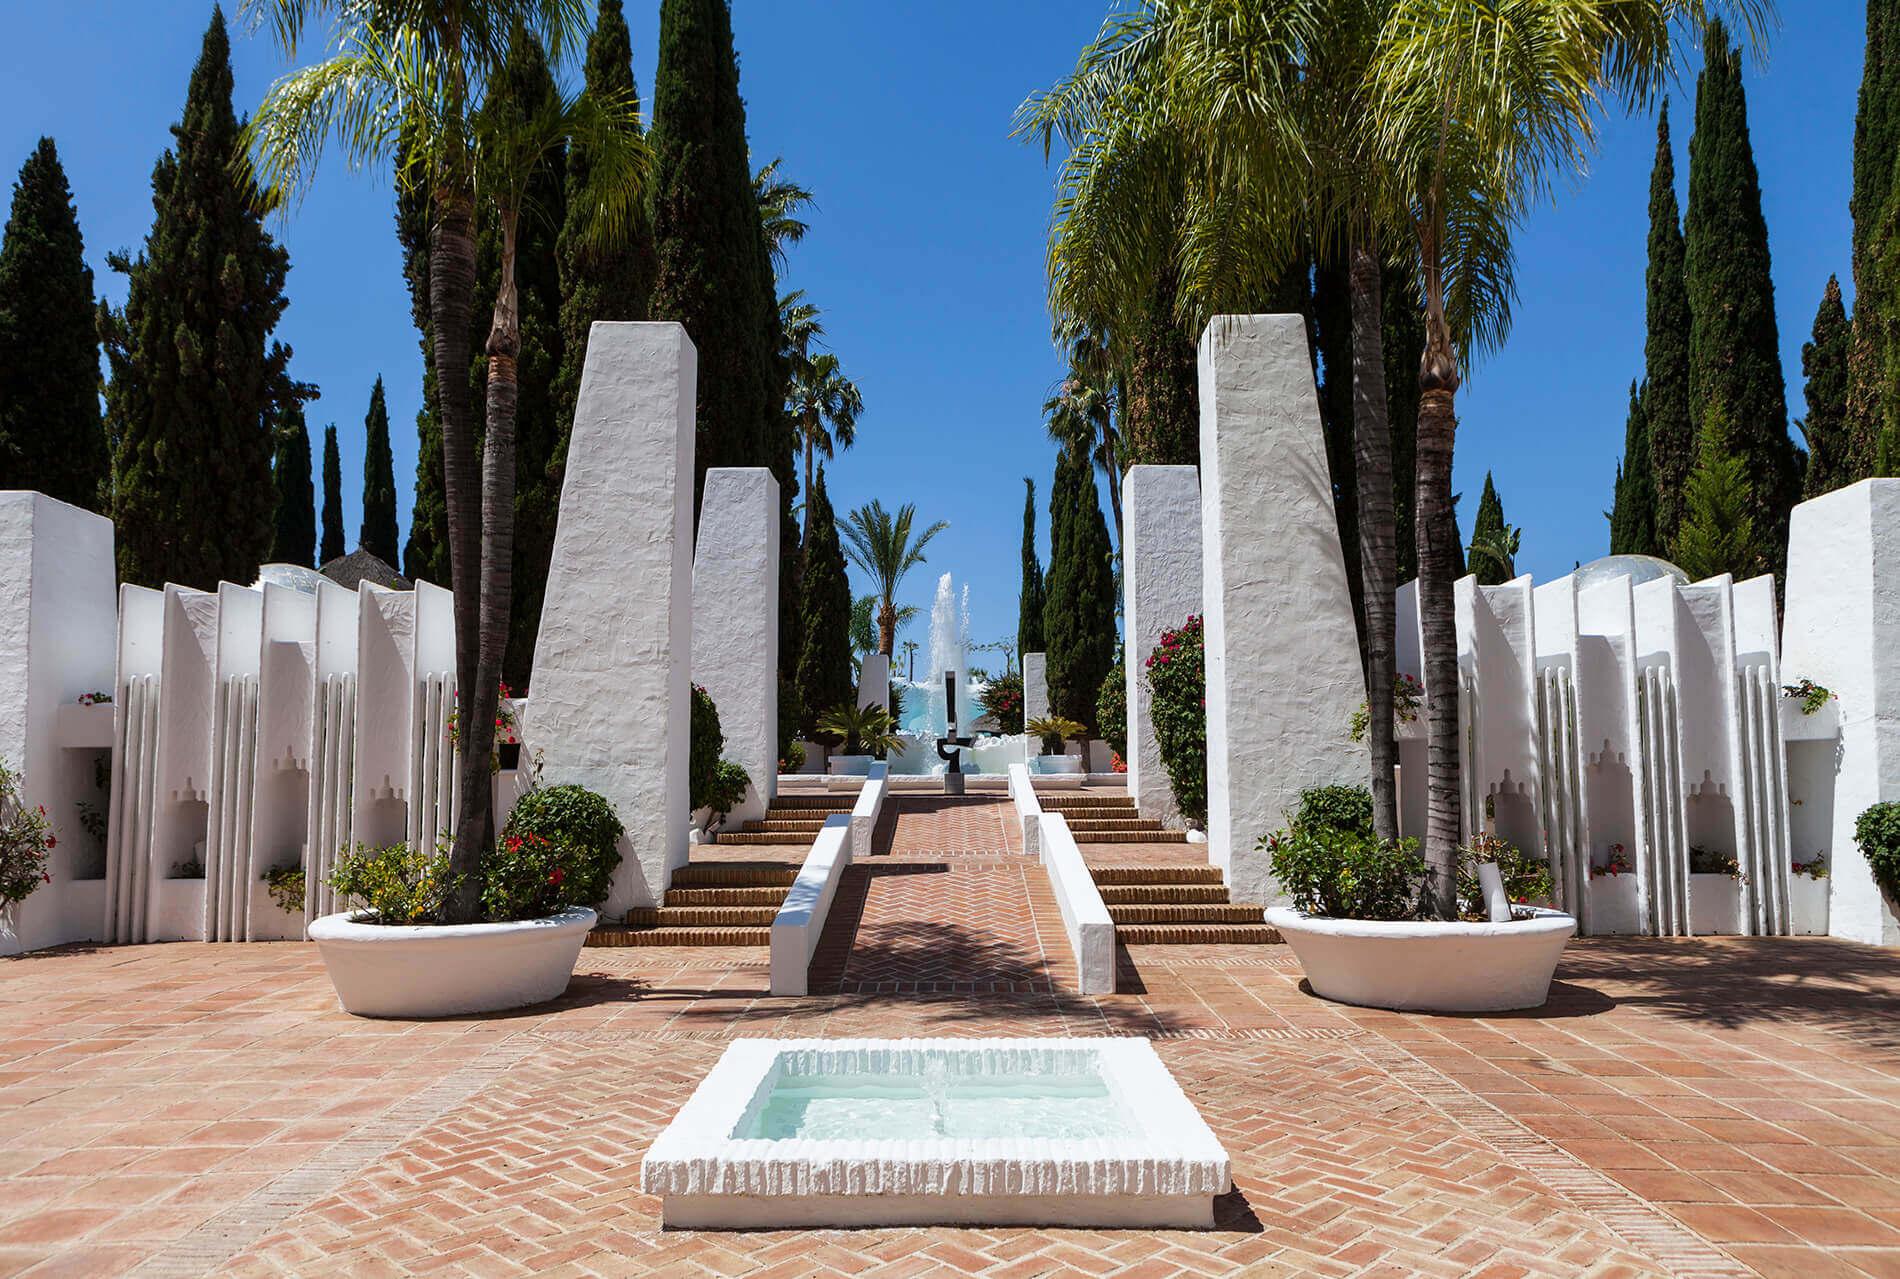 Espanja-Almuneckar-Hotel Suite Albayzin del Mar exterior